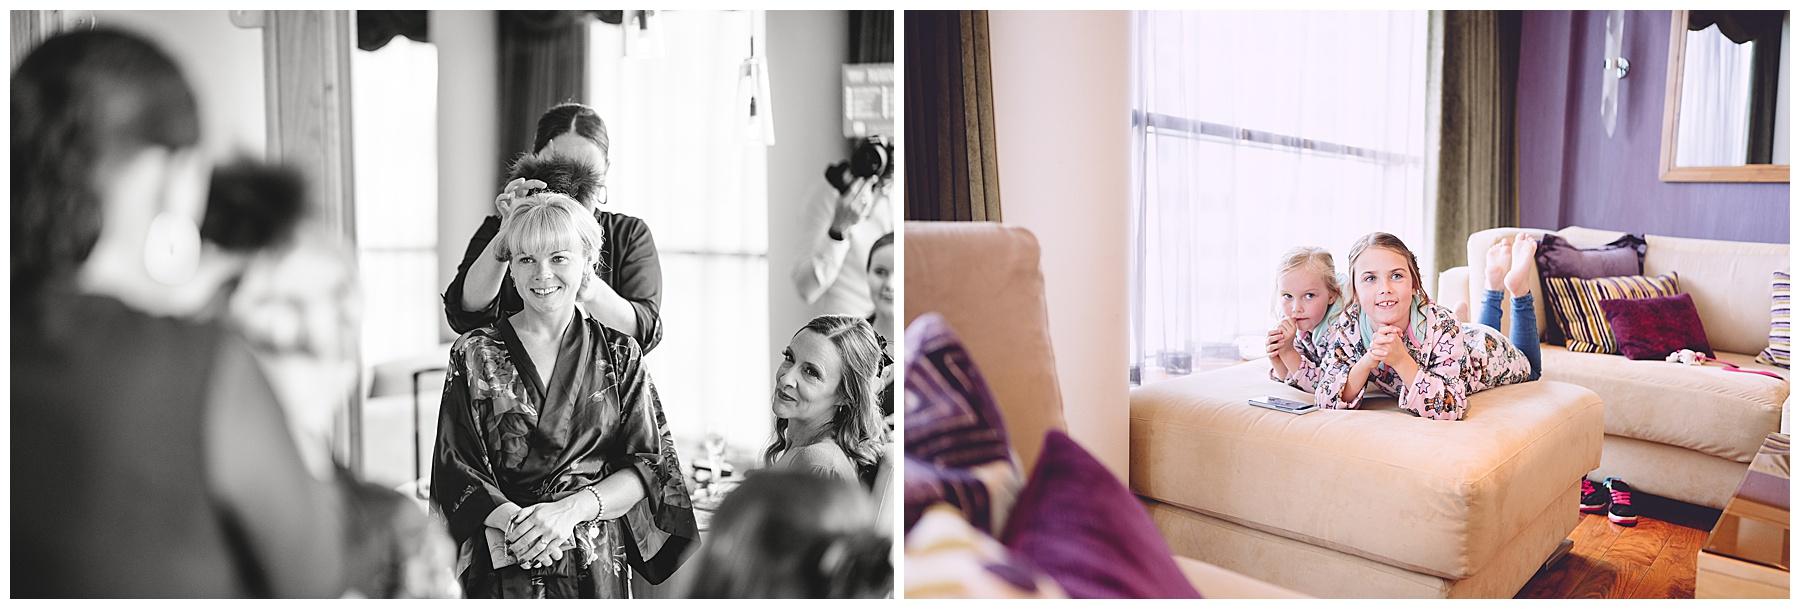 Bridal Preparations at Hilton Hotel